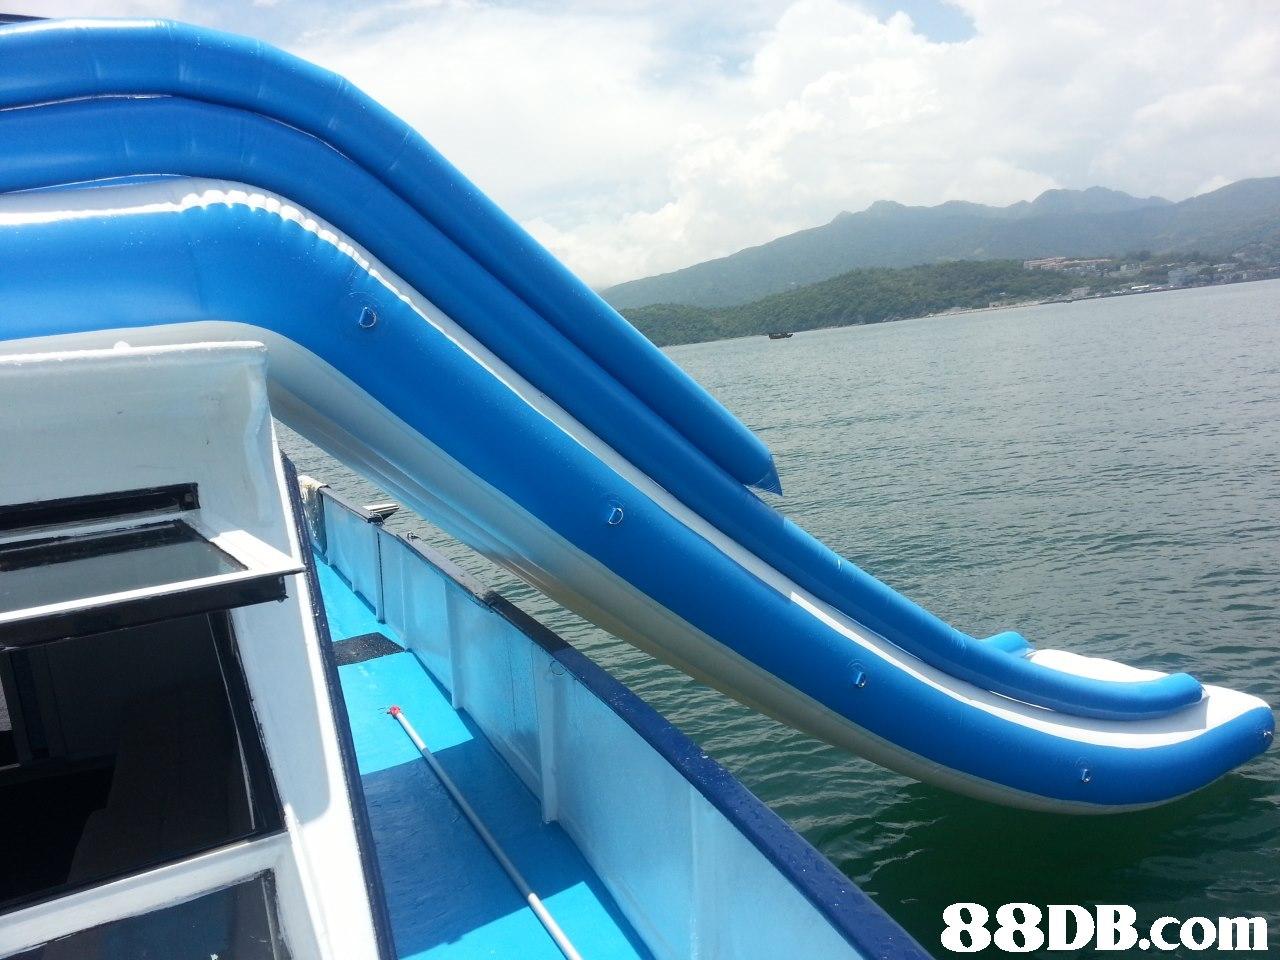 Inflatable,Games,Aqua,Water park,Swimming pool